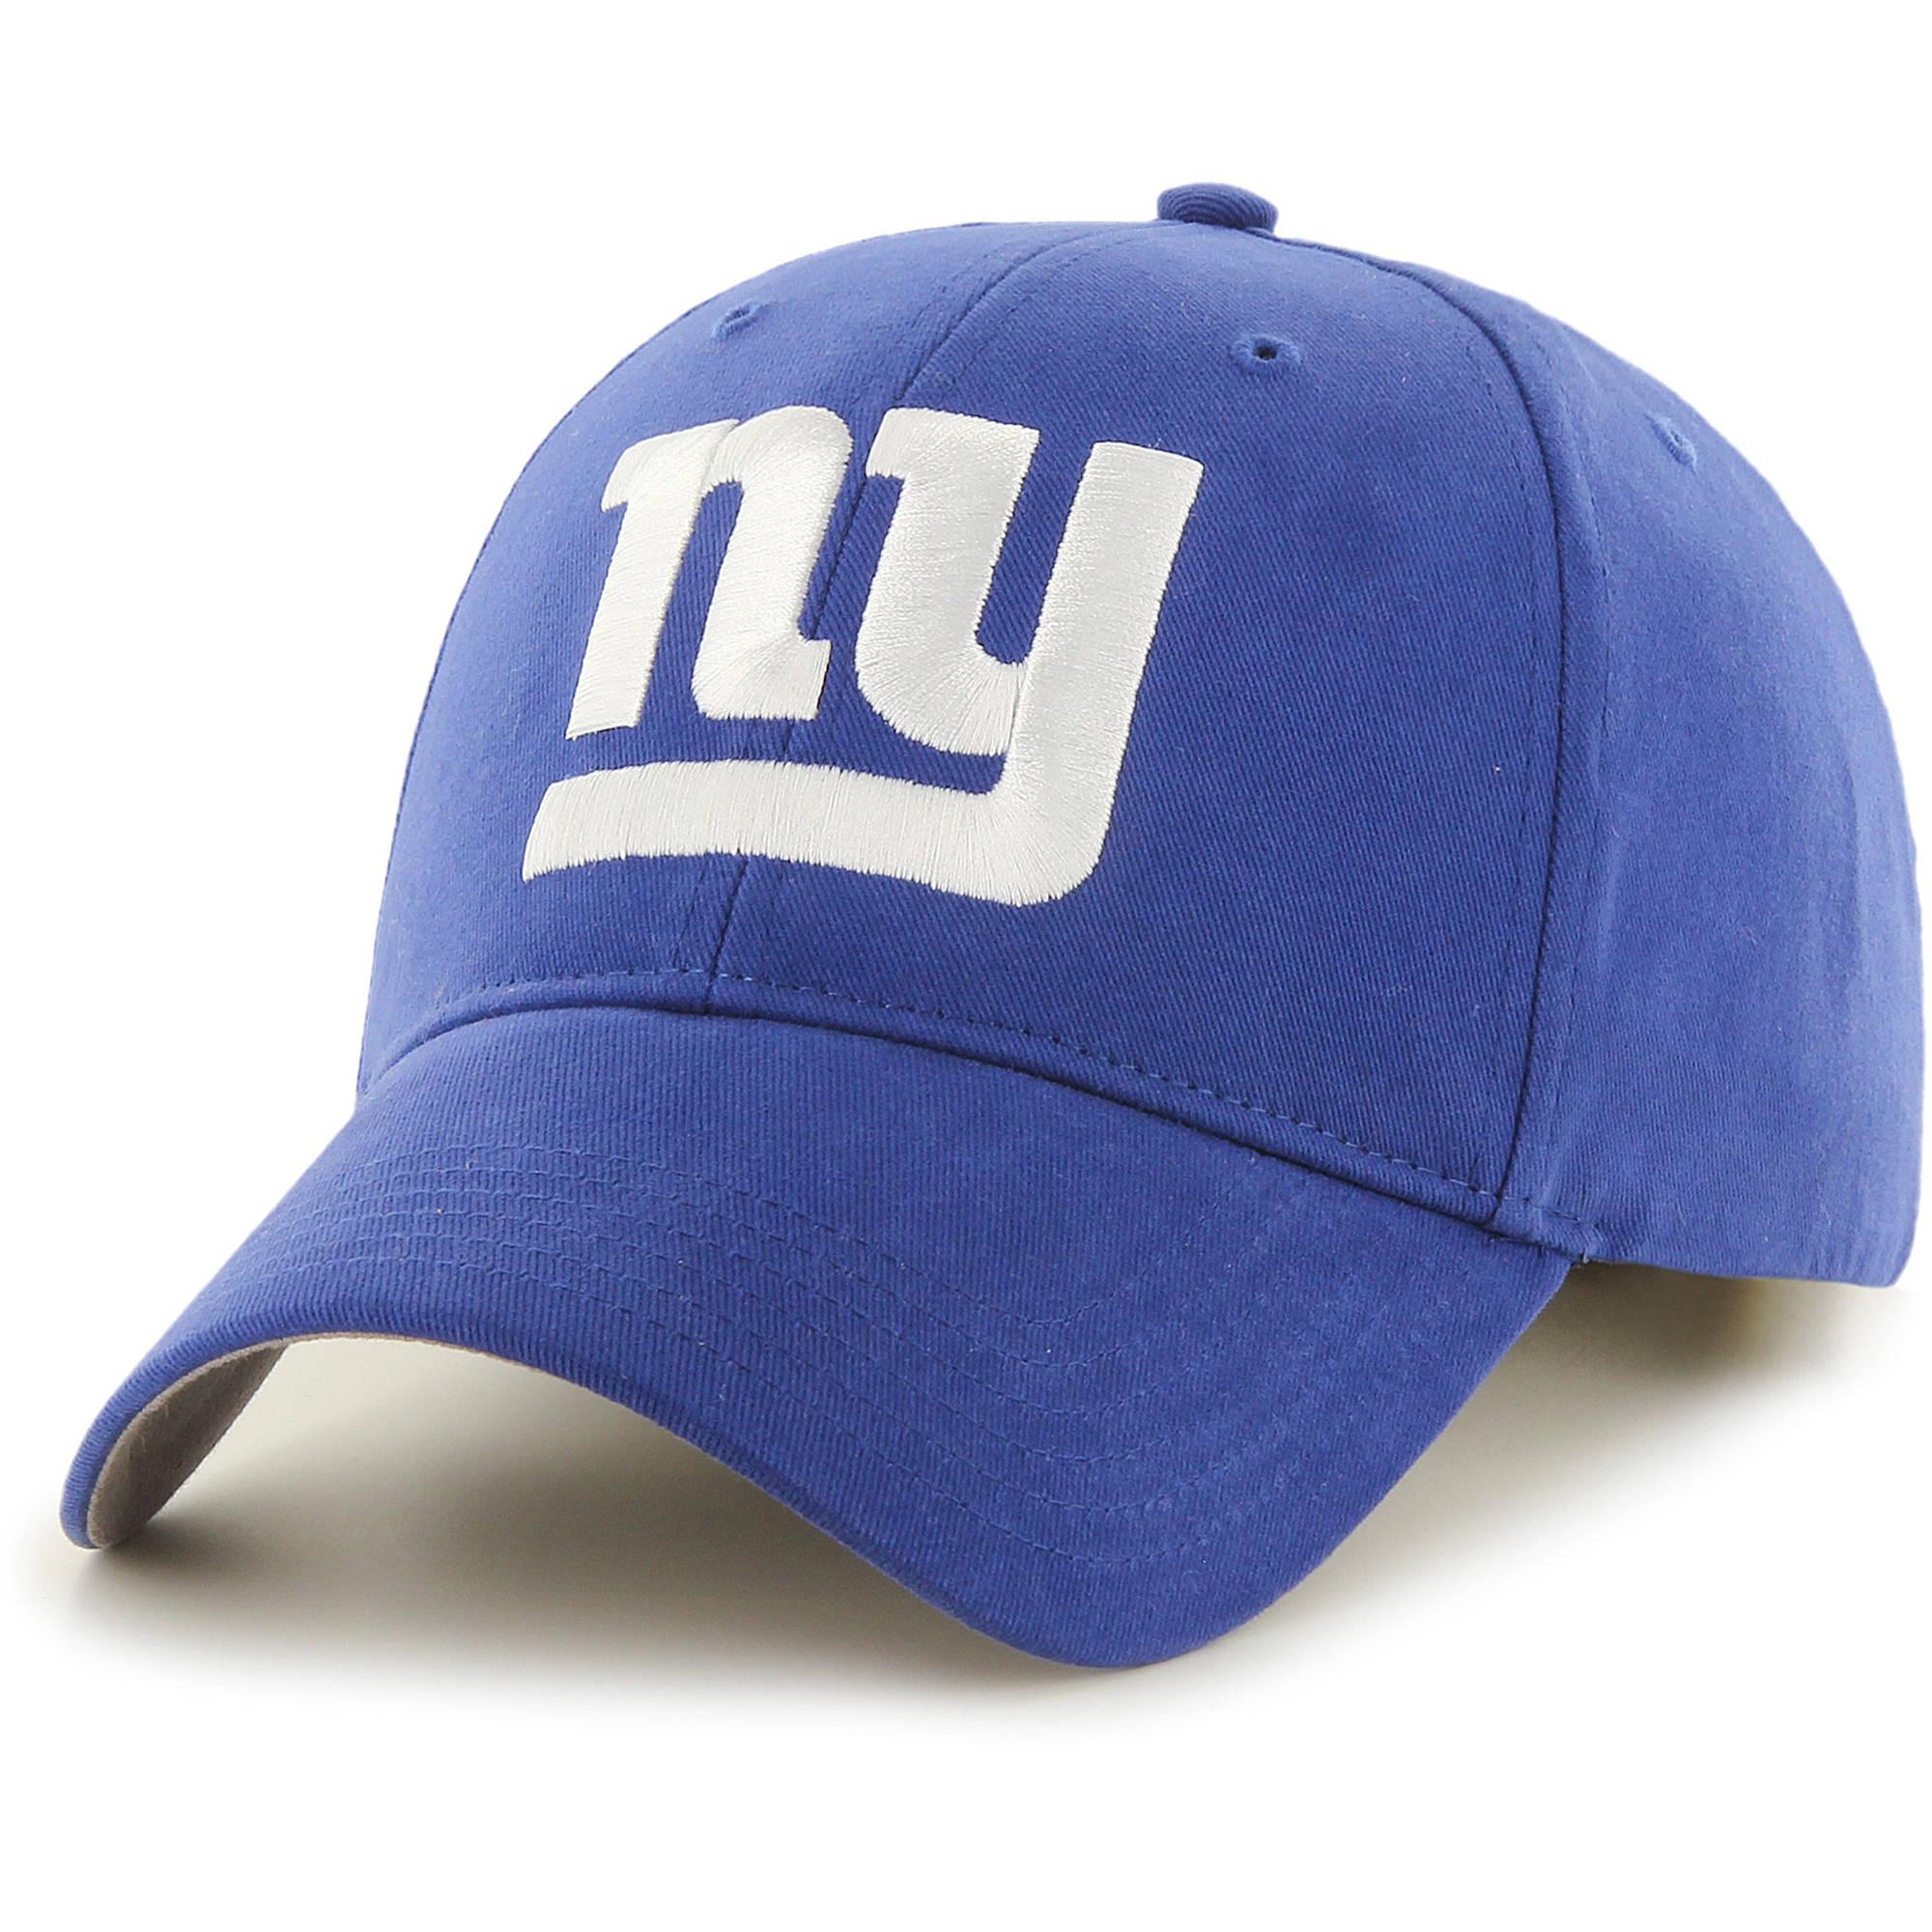 NFL New York Giants Basic Cap / Hat by Fan Favorite